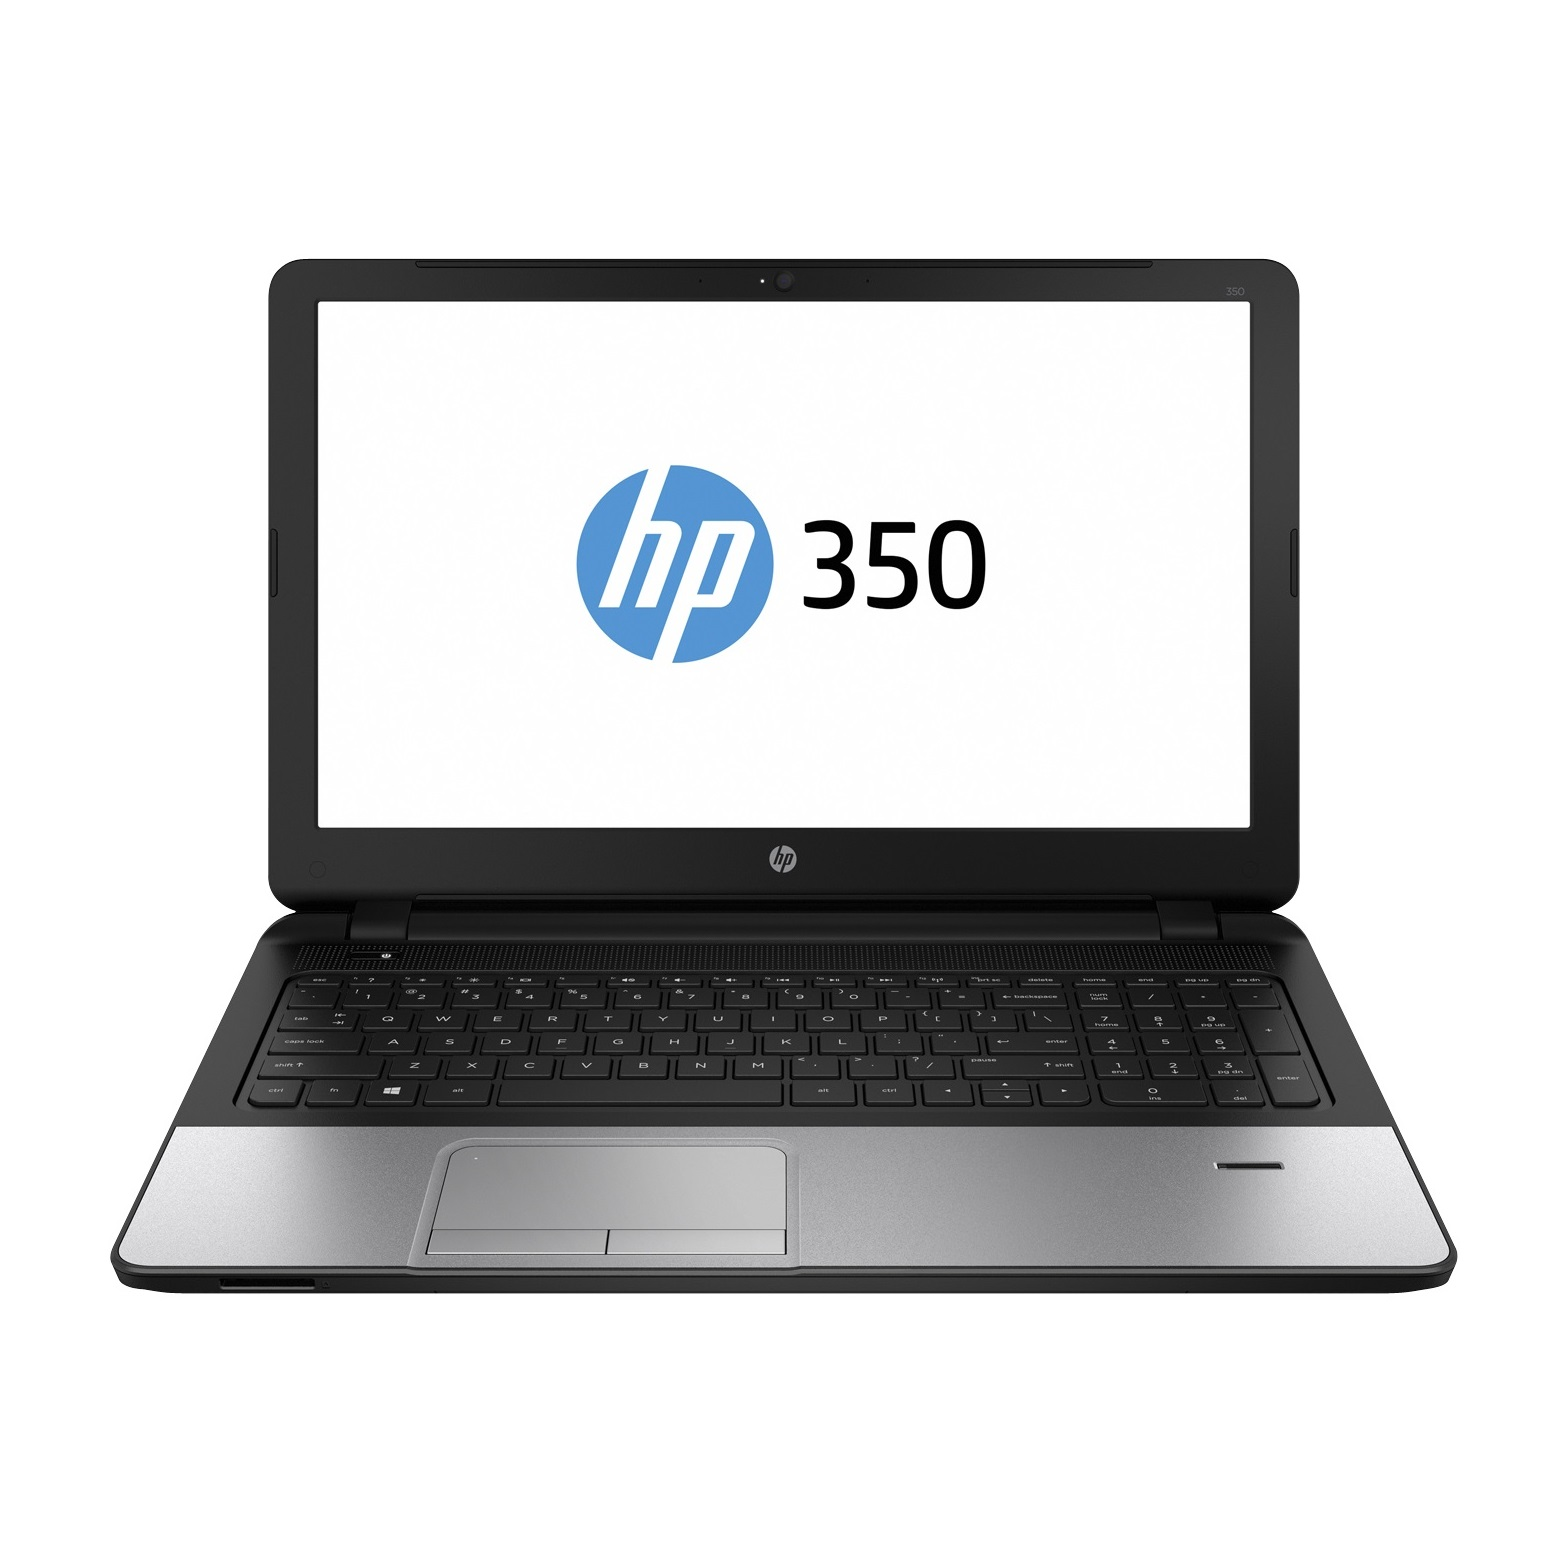 Laptop HP 350 G1, Core i5-4210U/4GB/500GB (L3J11PA)